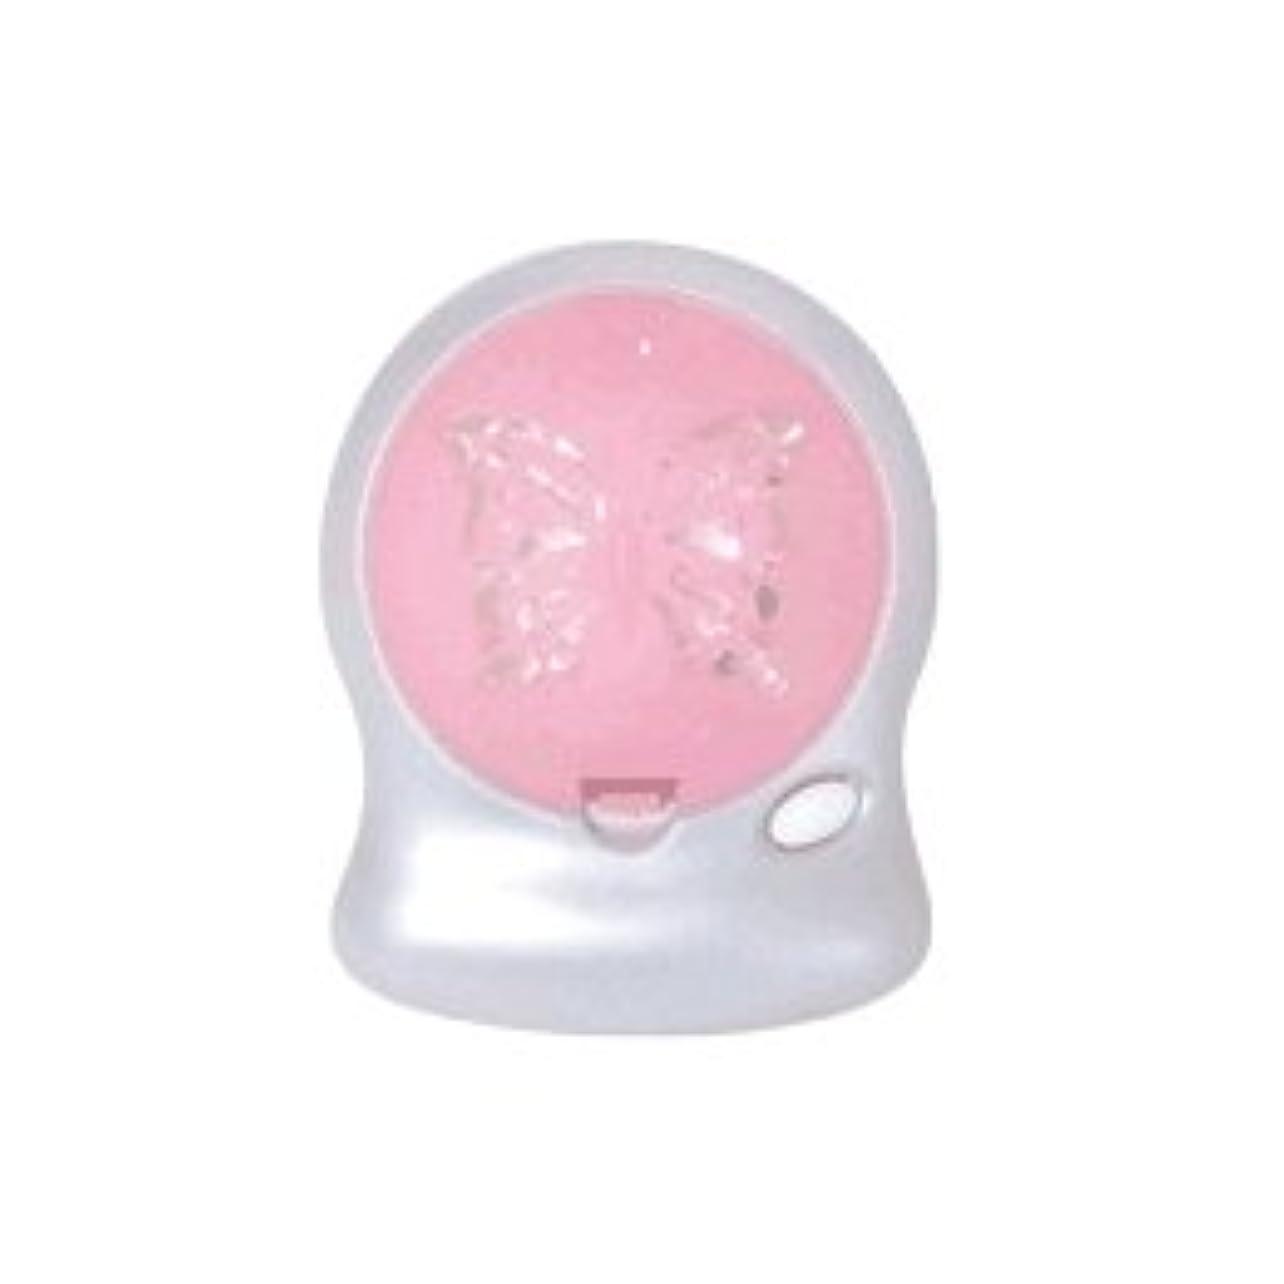 デモンストレーションサポートセレナアロマブリーズ Nova t Jill (蝶柄) ピンク オフタイマー付モバイルファン式芳香器